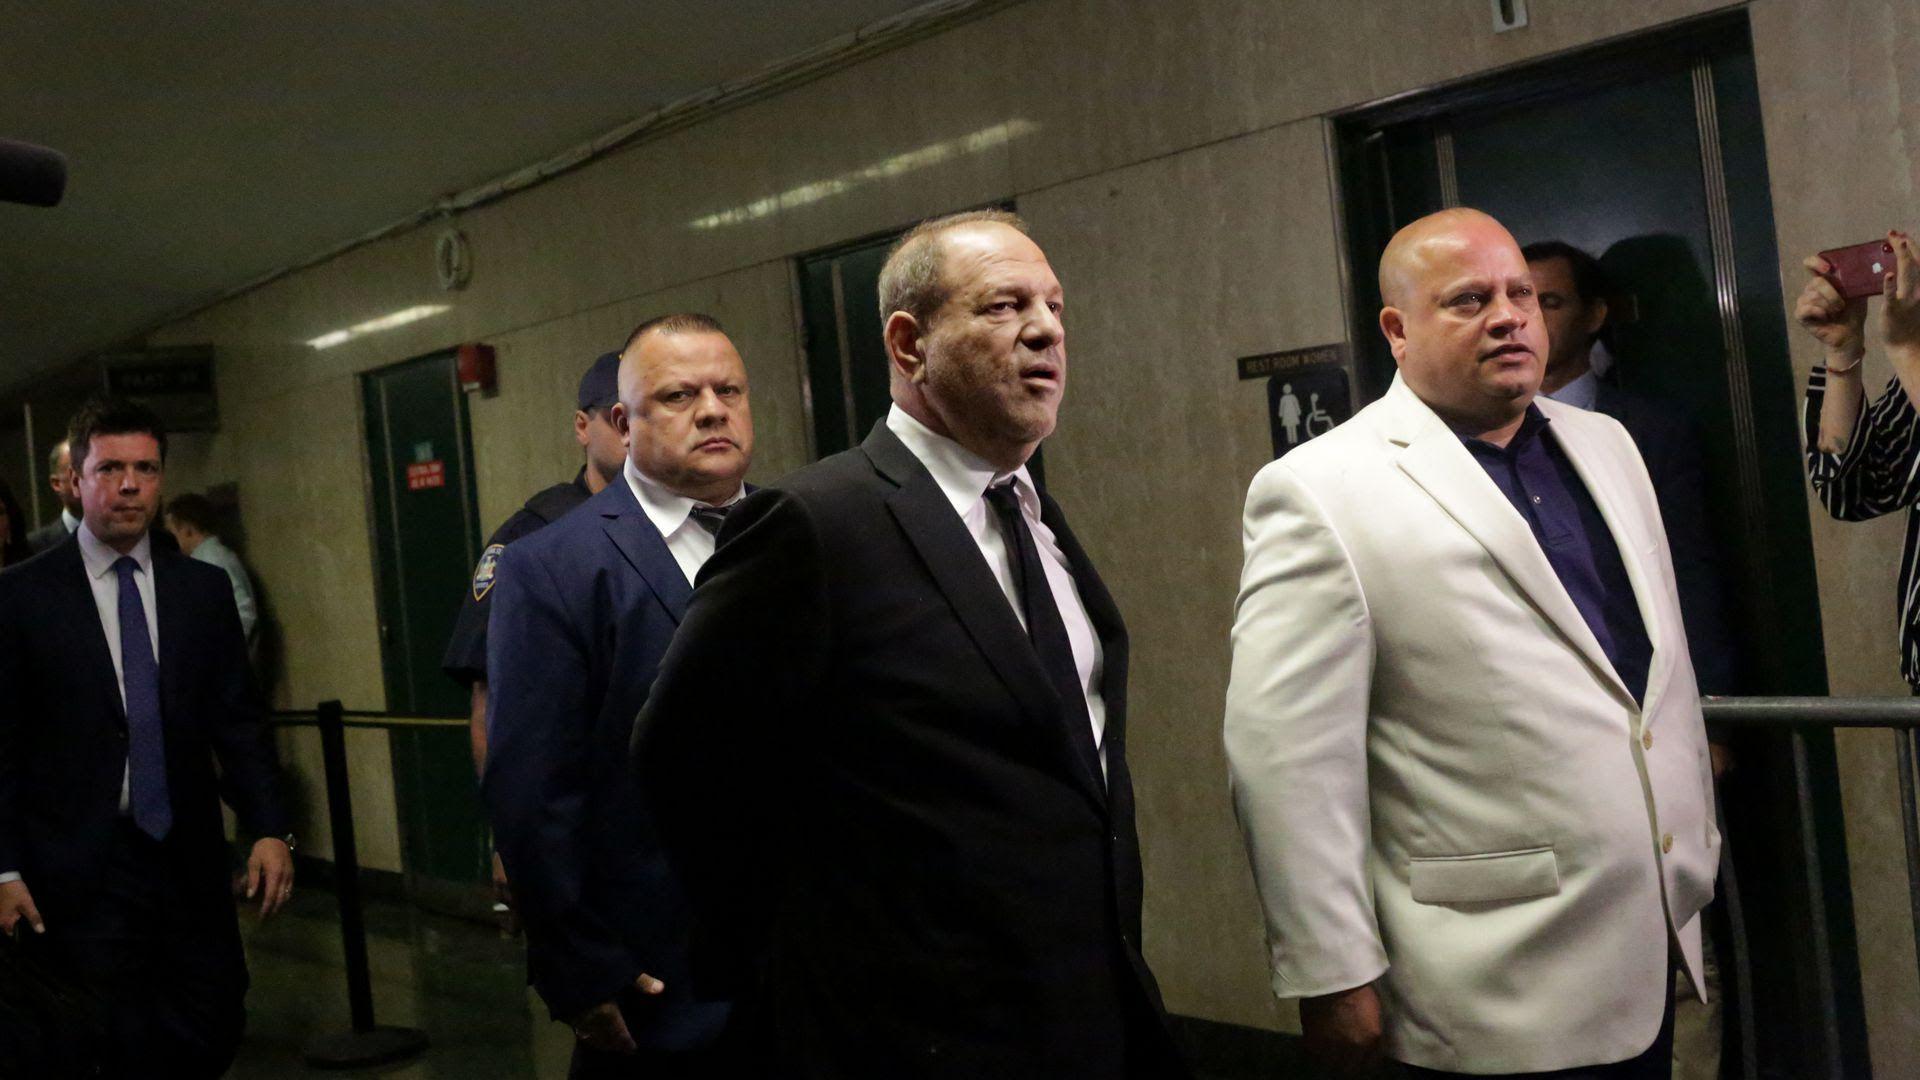 Harvey Weinstein (C). Photo: Yana Paskova/Getty Images